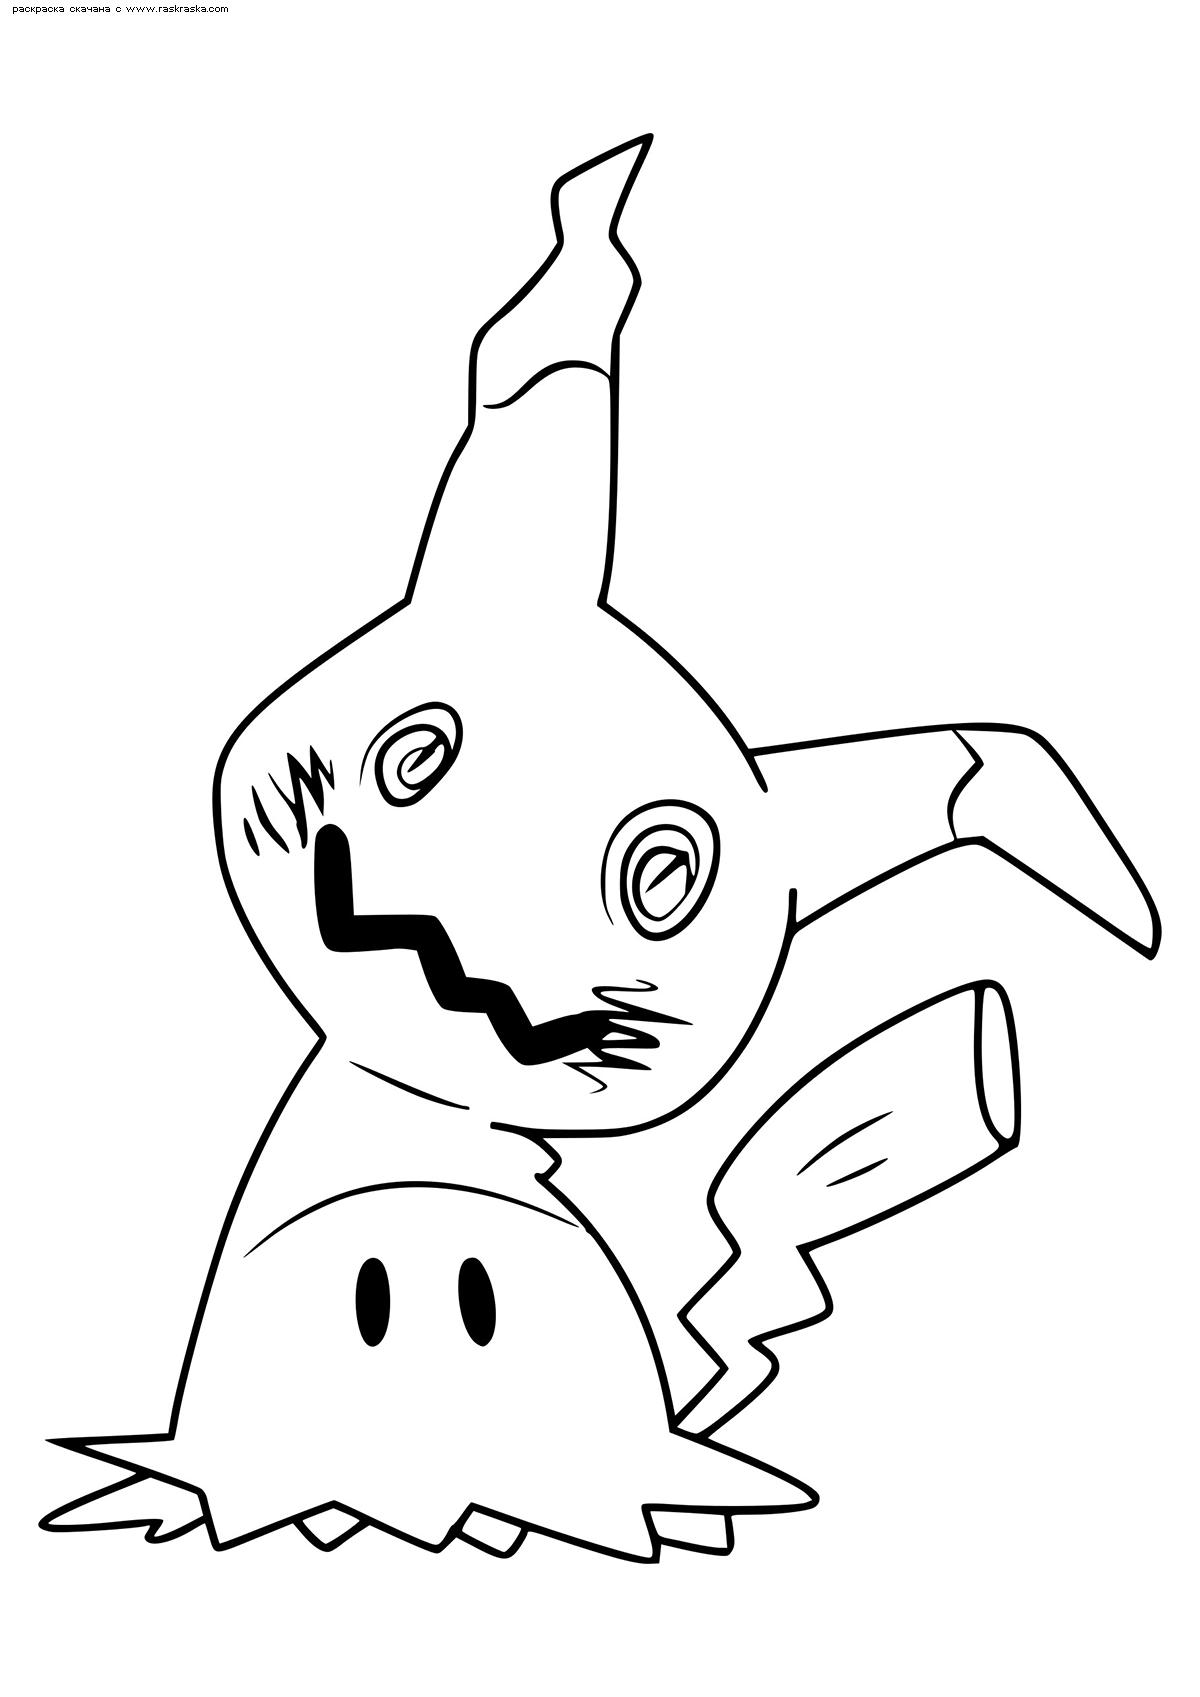 Раскраска Покемон Мимикью (Mimikyu) | Раскраски покемонов ...